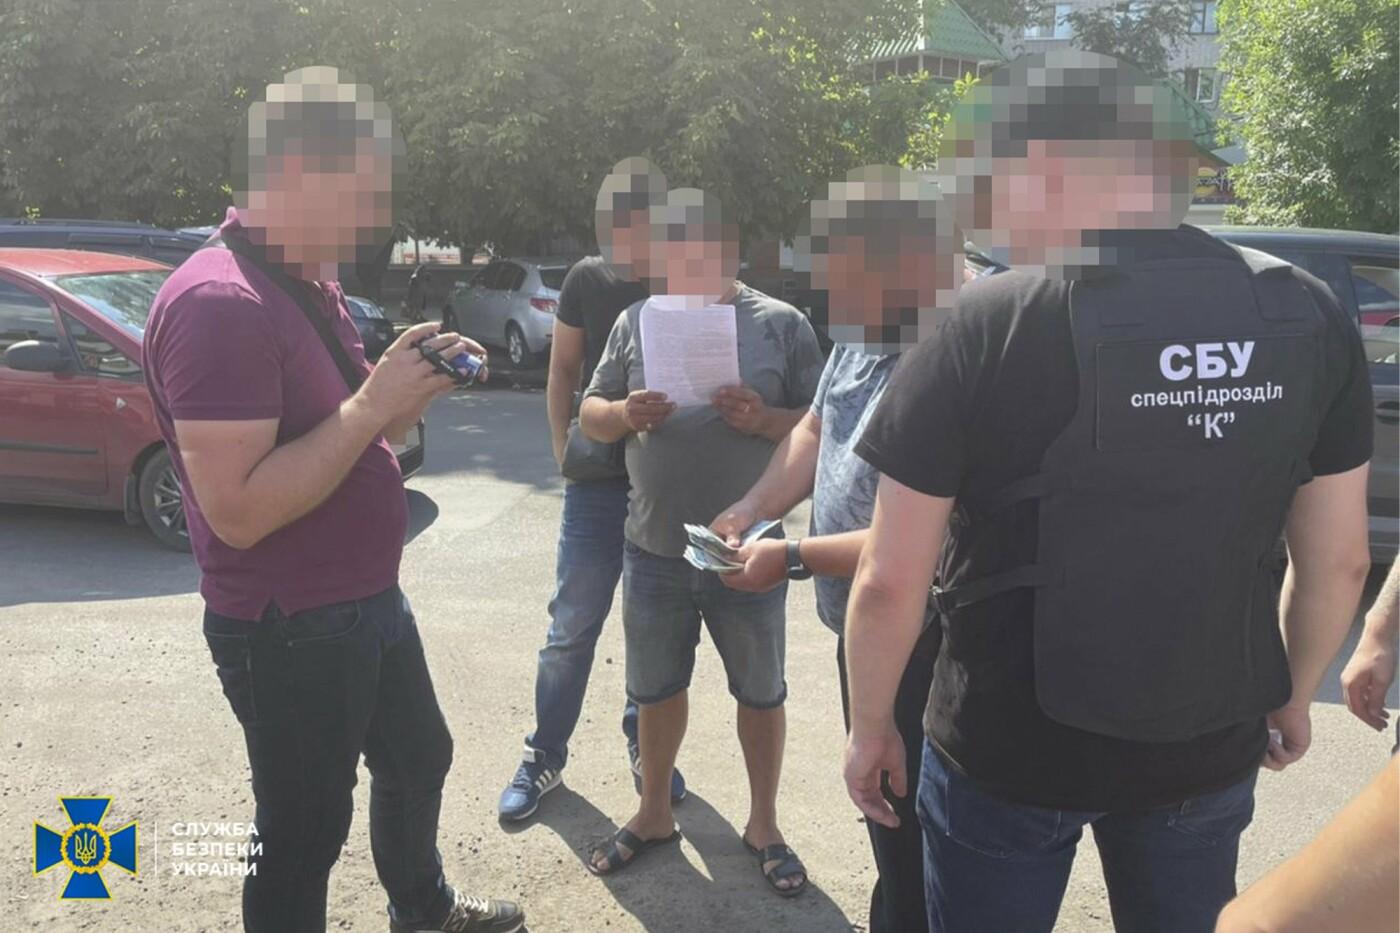 В Днепропетровской области «торговали» статусом участника боевых действий: СБУ разоблачила на этом чиновников, фото-2